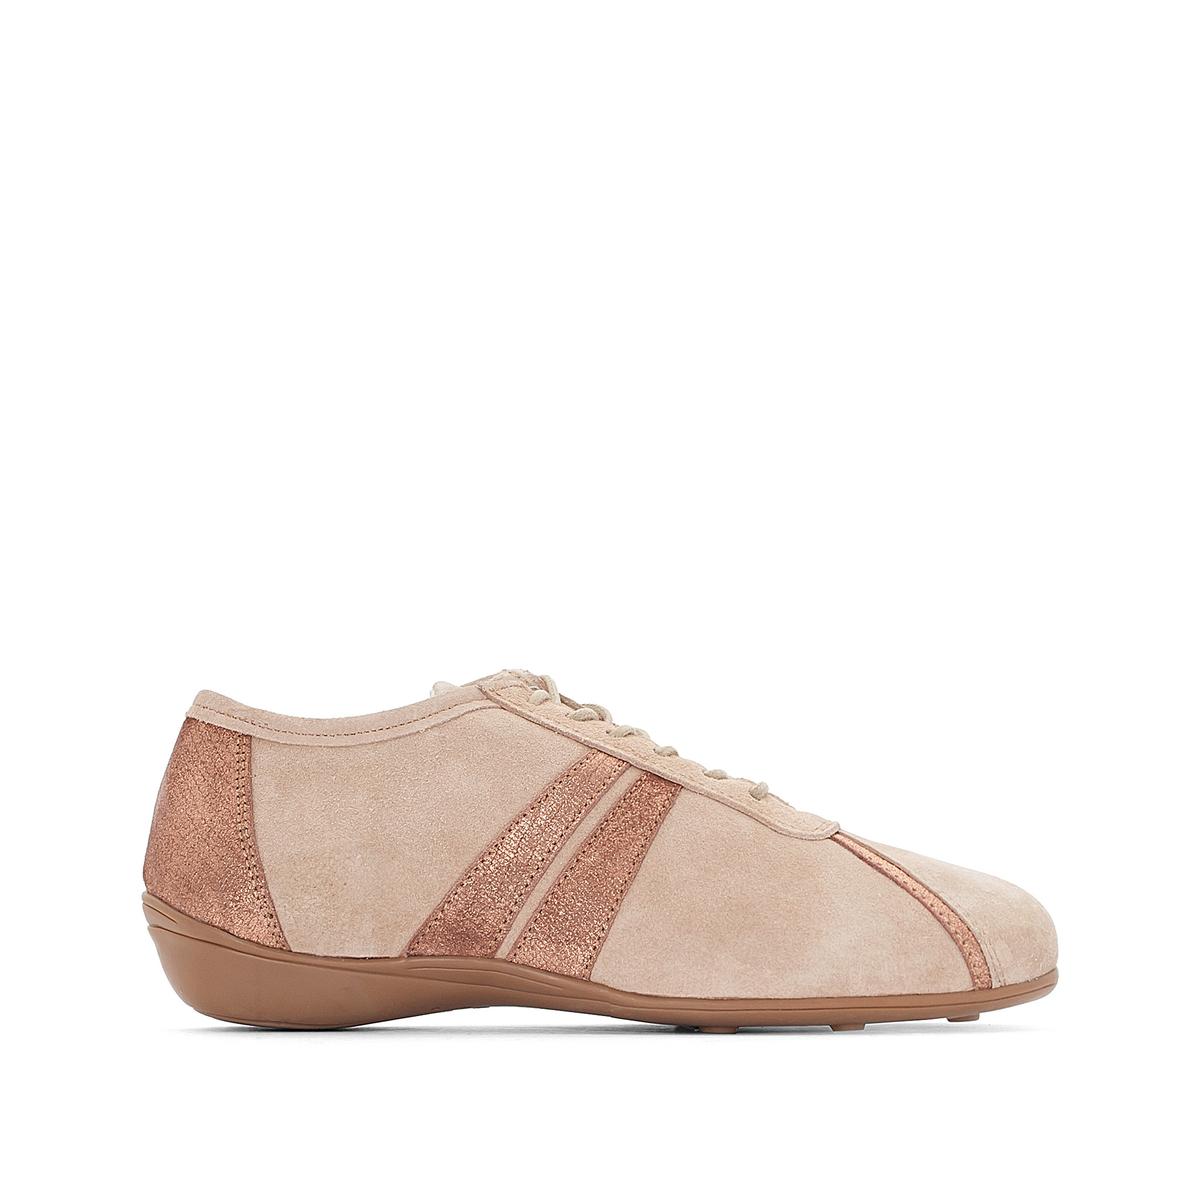 Кеды кожаные двухцветныеДетали •  Спортивный стиль •  Плоский каблук •  Застежка : шнуровка •  Гладкая отделкаСостав и уход •  Верх 100% кожа •  Подкладка 100% текстиль •  Стелька 100% кожа •  Подошва 100% эластомер<br><br>Цвет: розовый металлик